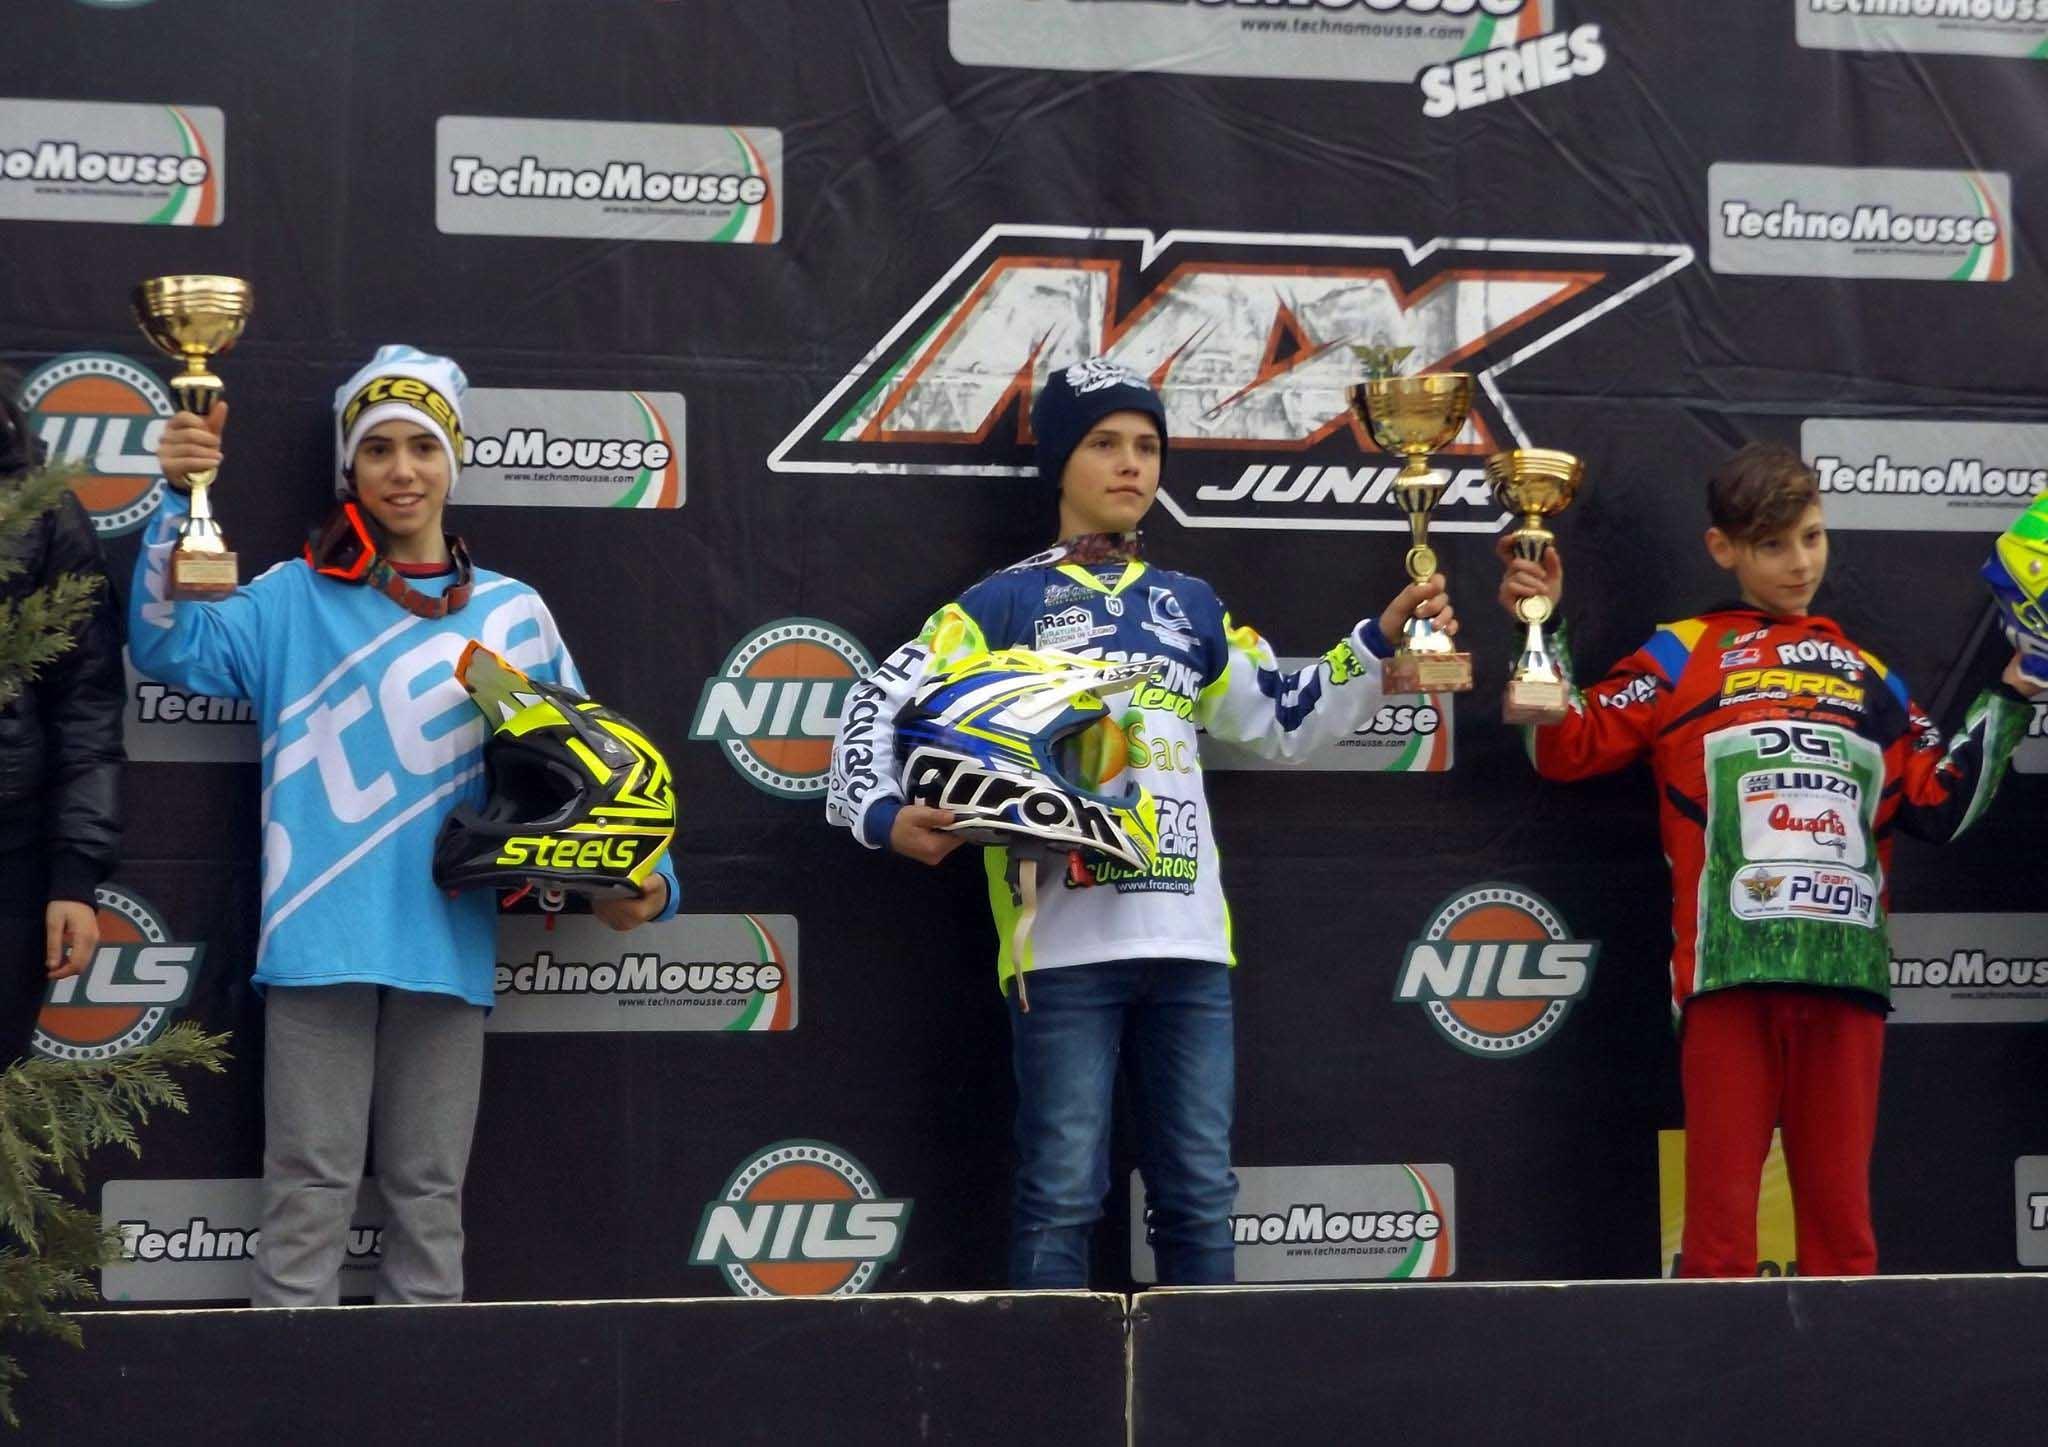 Secondo posto all'esordio nella Mx85 per Morgan Bennati e la Steels Motocross